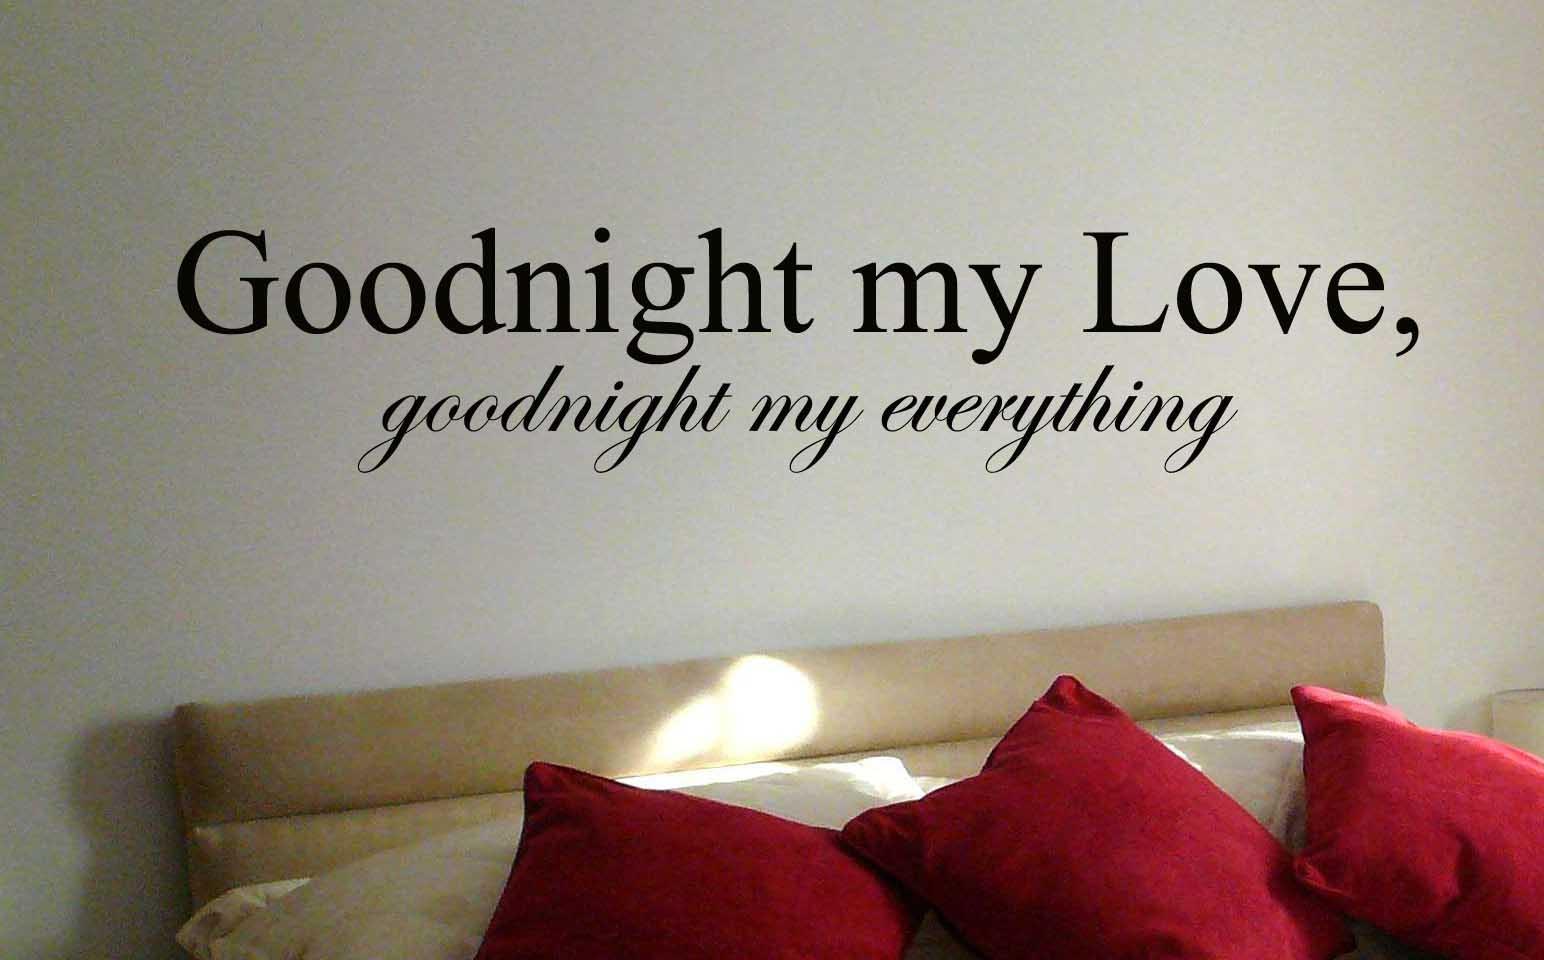 صور مساء الخير Good Night صور مكتوب عليها مساء الخير (28)